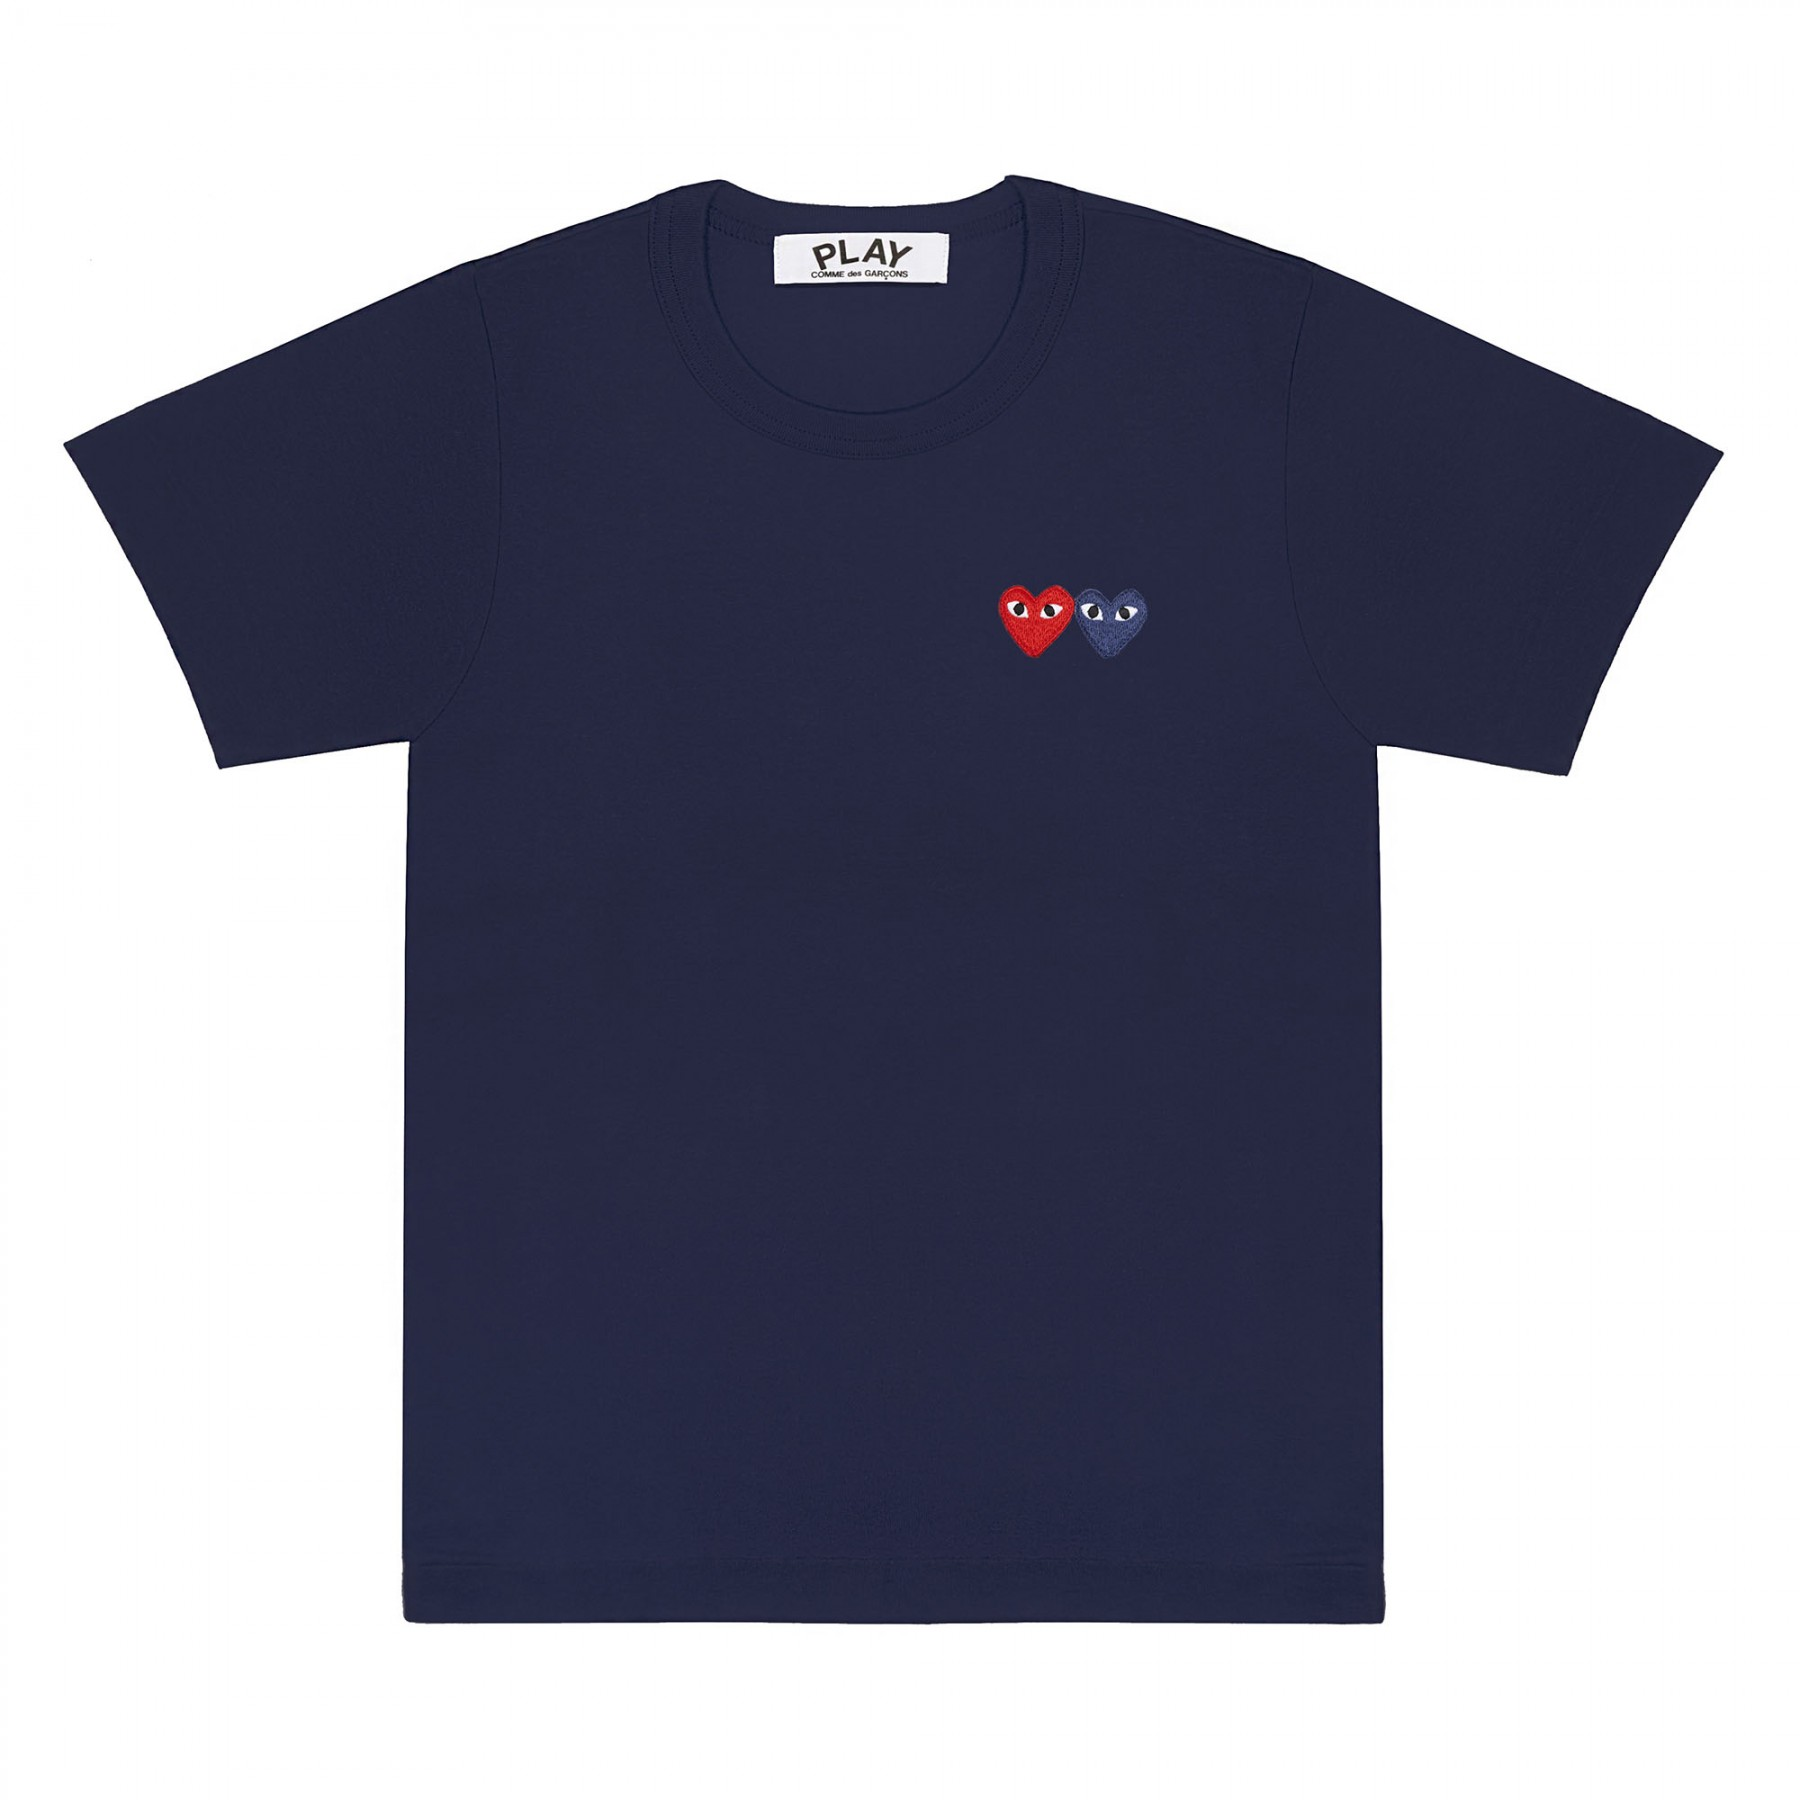 꼼데가르송 PLAY 네이비 티셔츠 원포인트 더블하트 (남성)